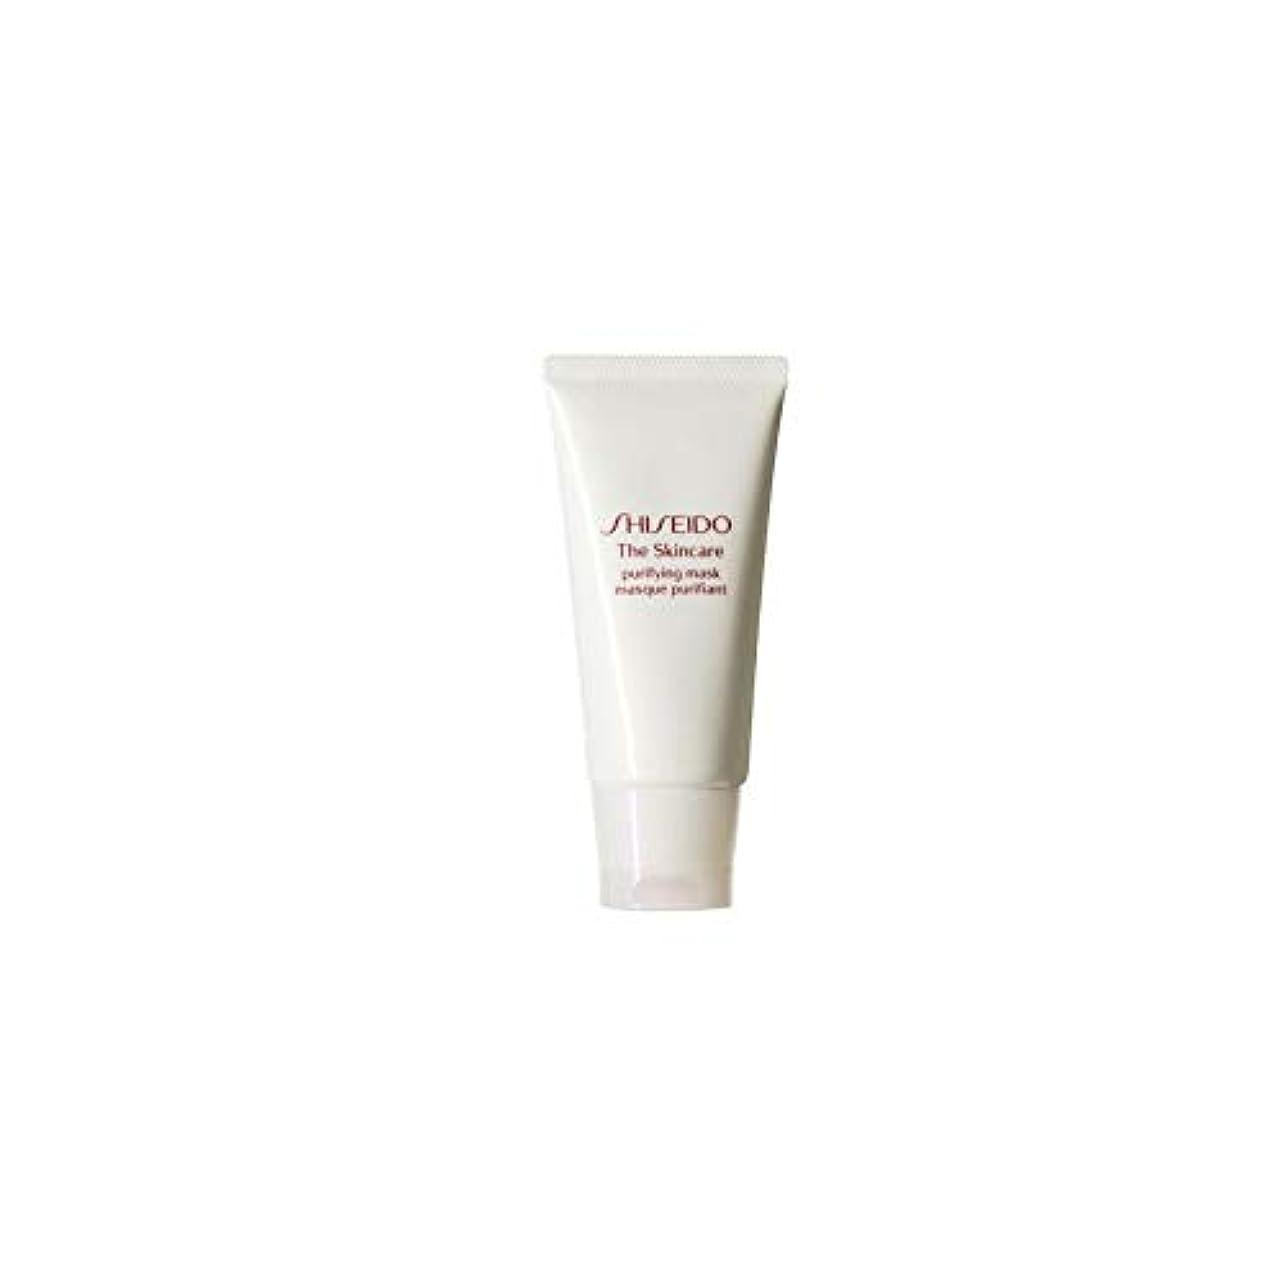 リハーサルもつれ敗北[Shiseido] 資生堂スキンケアの必需品浄化マスク(75ミリリットル) - Shiseido The Skincare Essentials Purifying Mask (75ml) [並行輸入品]